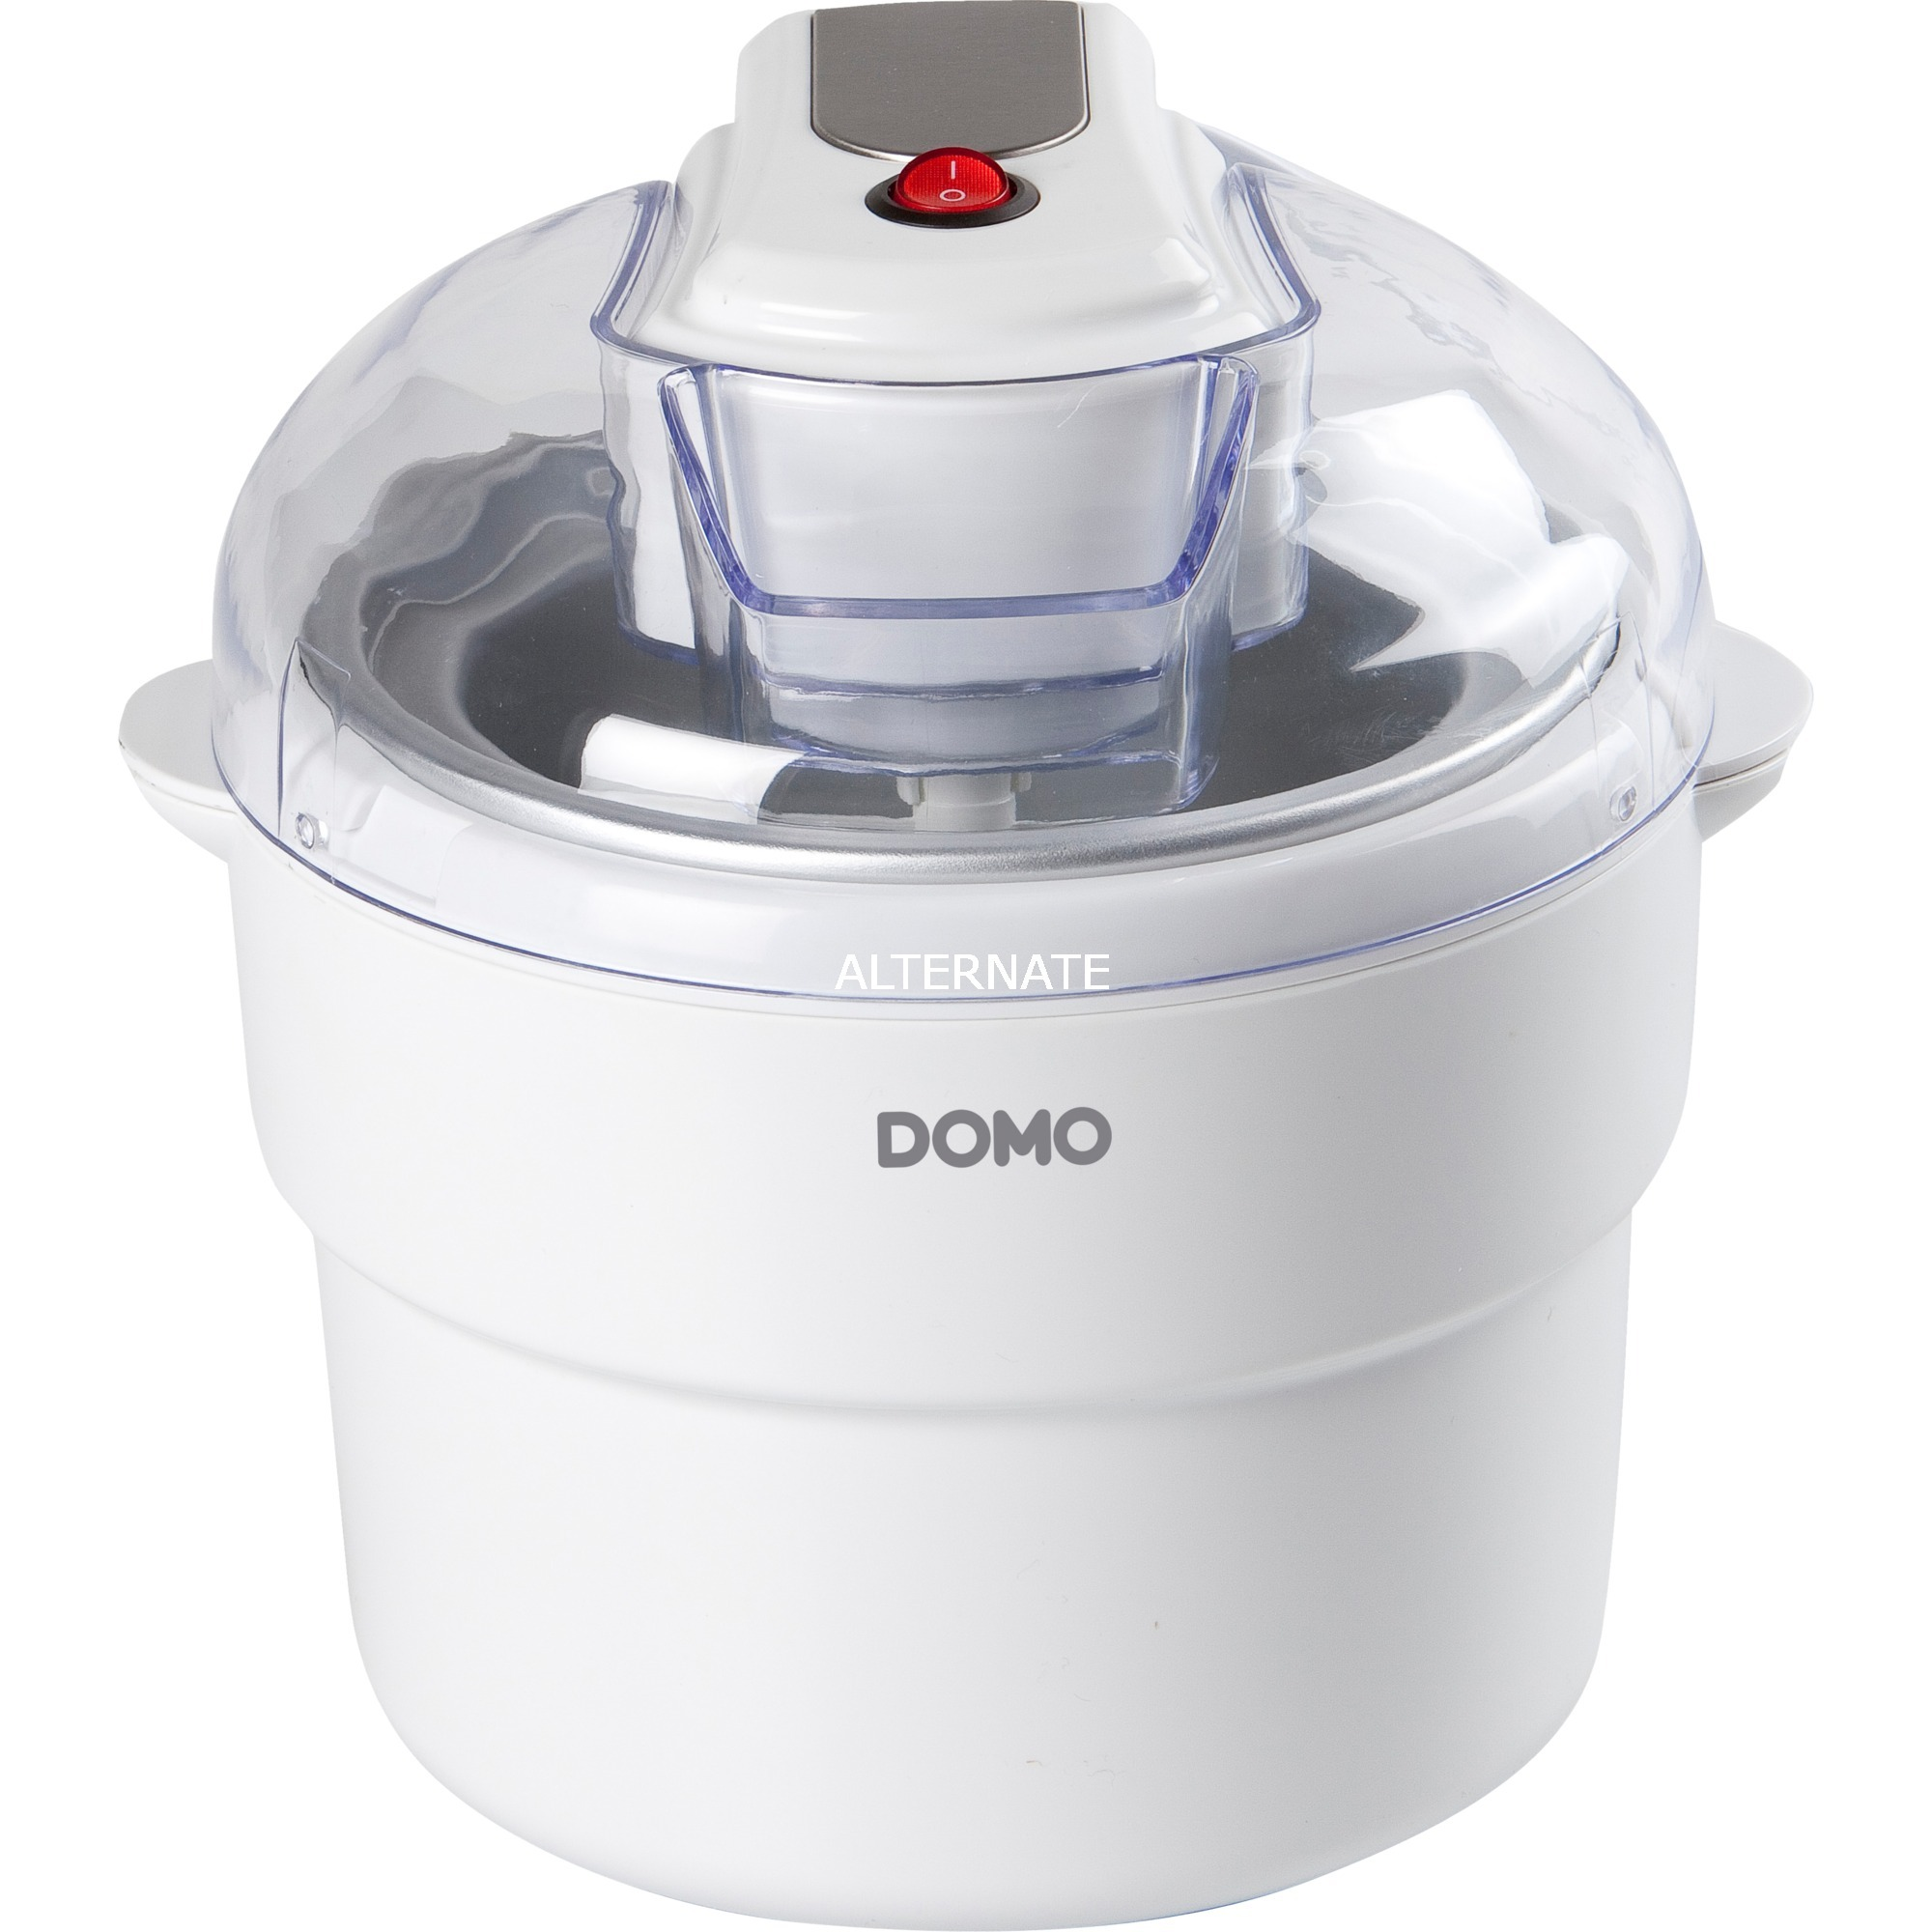 DO2309I máquina para helados 1 L Blanco, Heladera